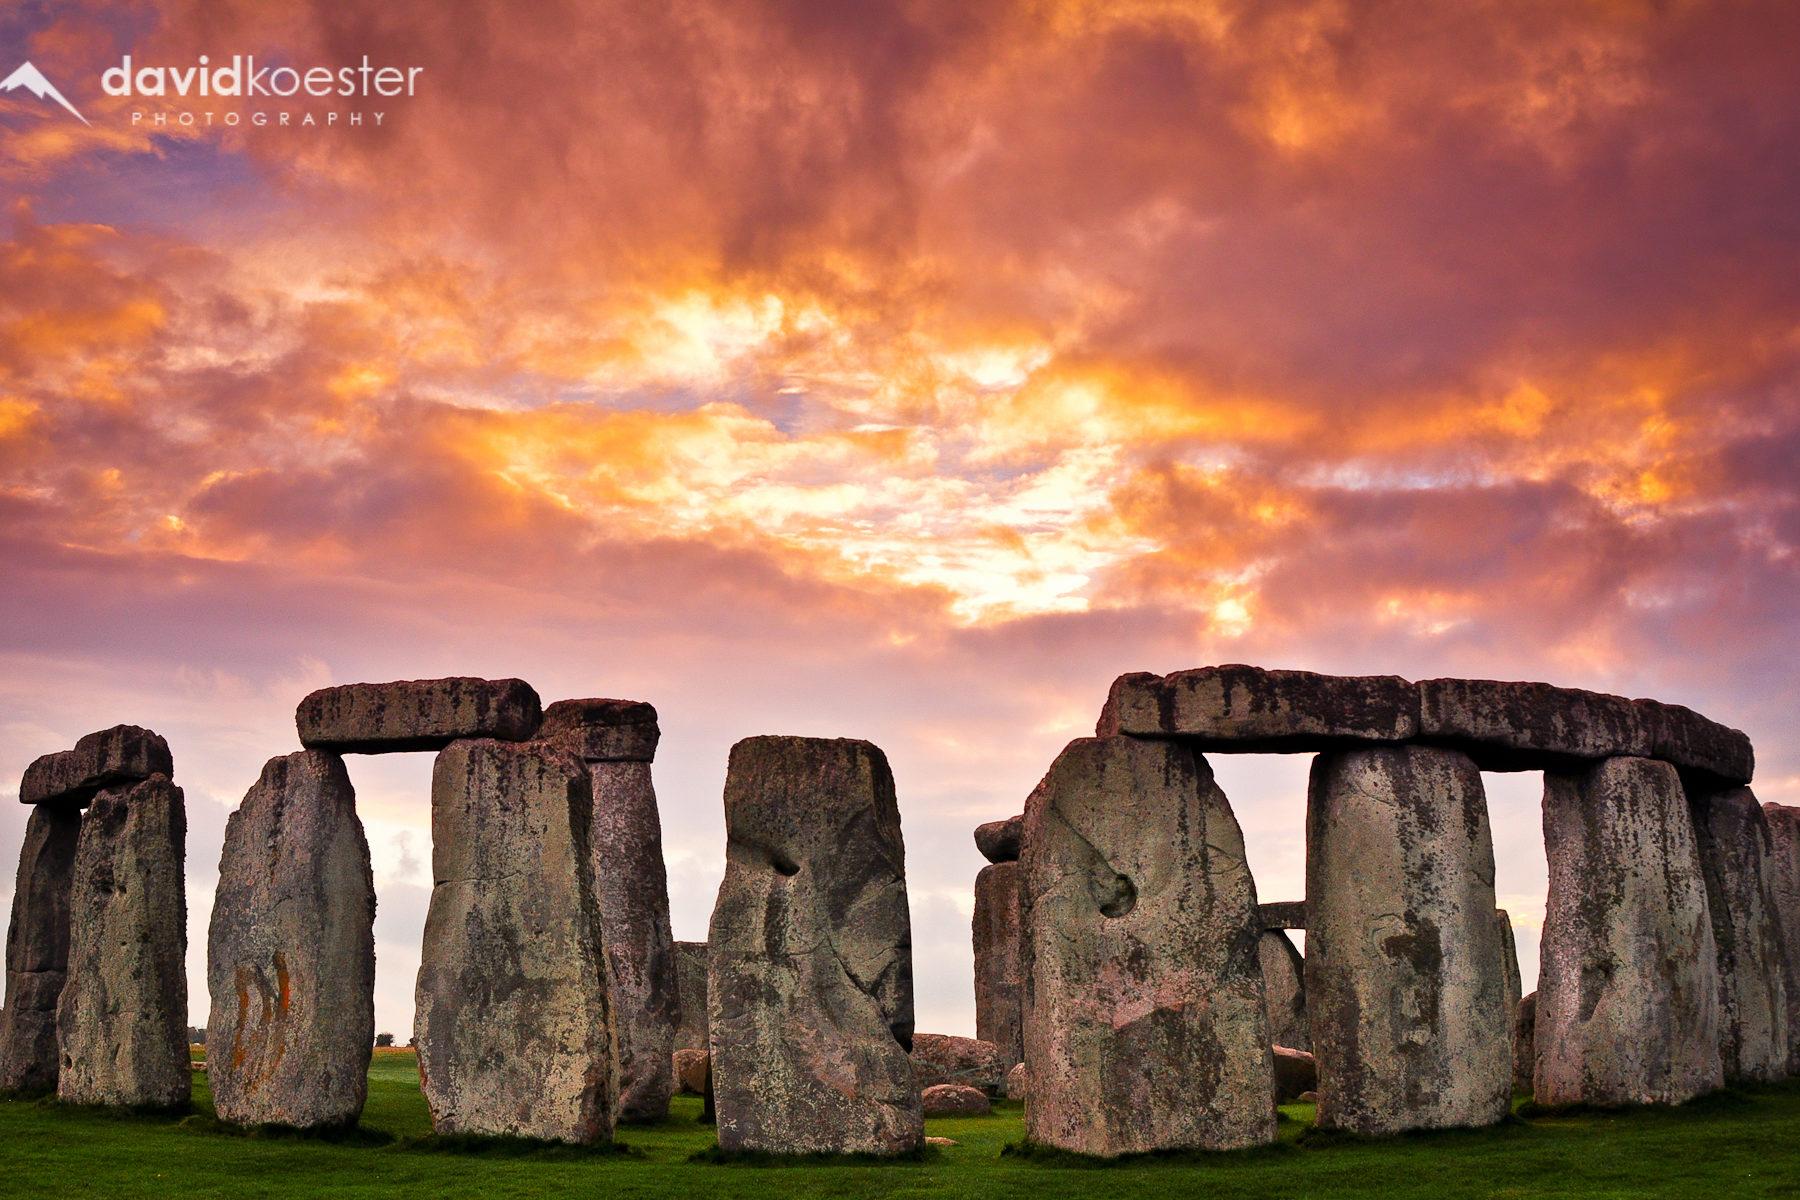 Stonehenge Wallpaper | 1920×1200 | Hintergrundbild, Desktopbild, Bildschirmhintergrund